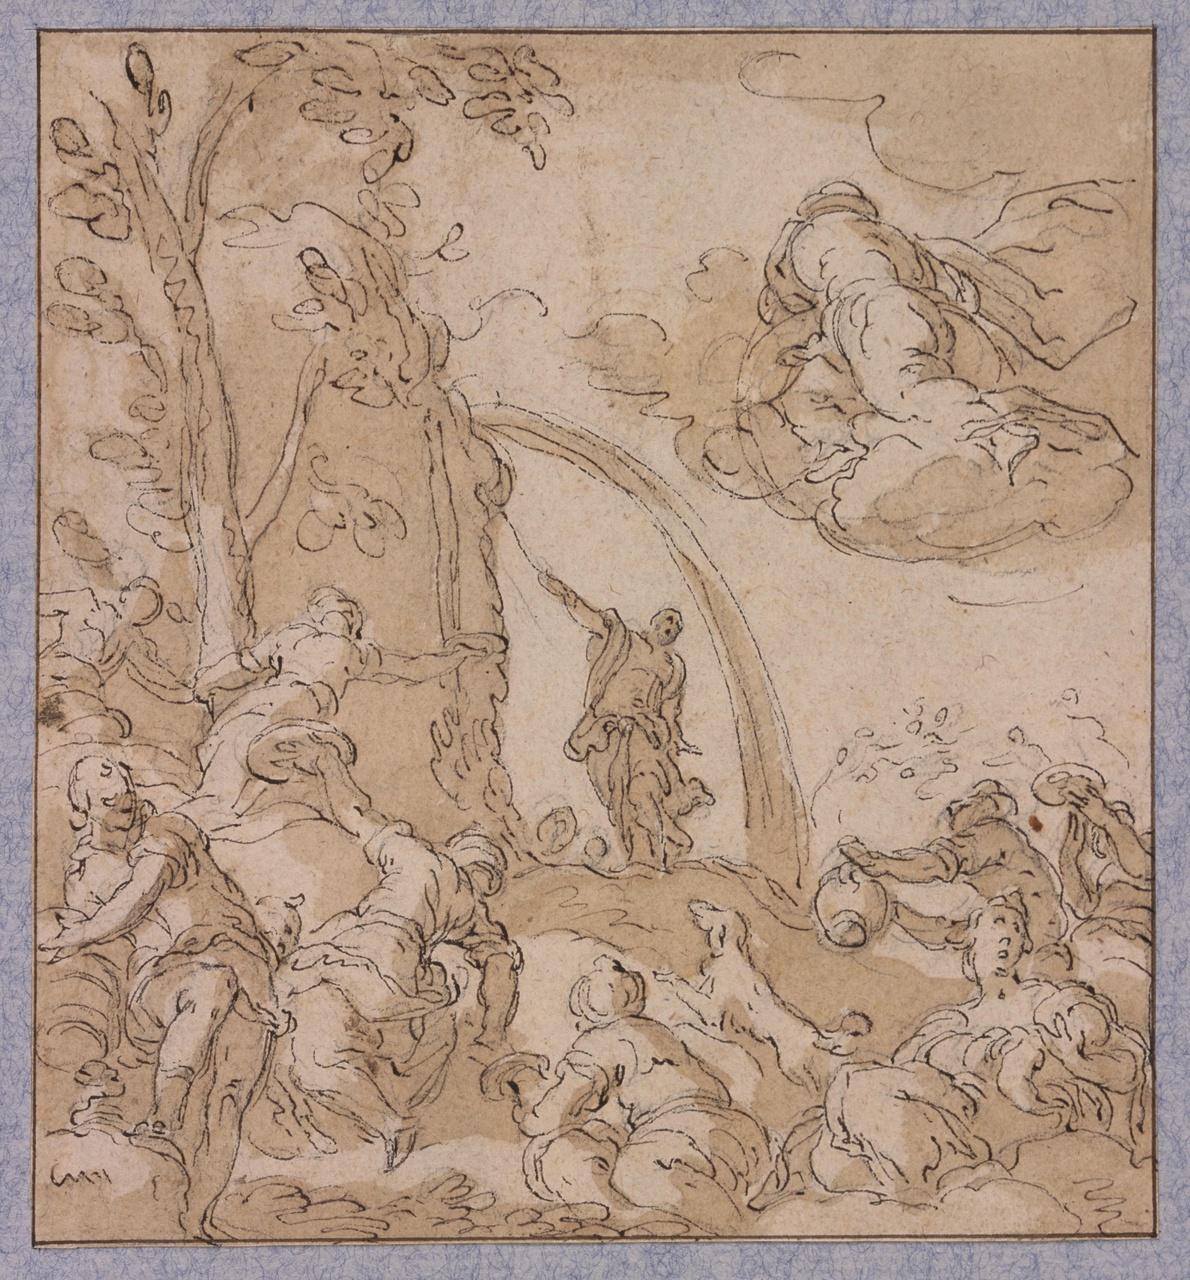 Mozes slaat water uit de rots; verso: Twee vrouwenfiguren